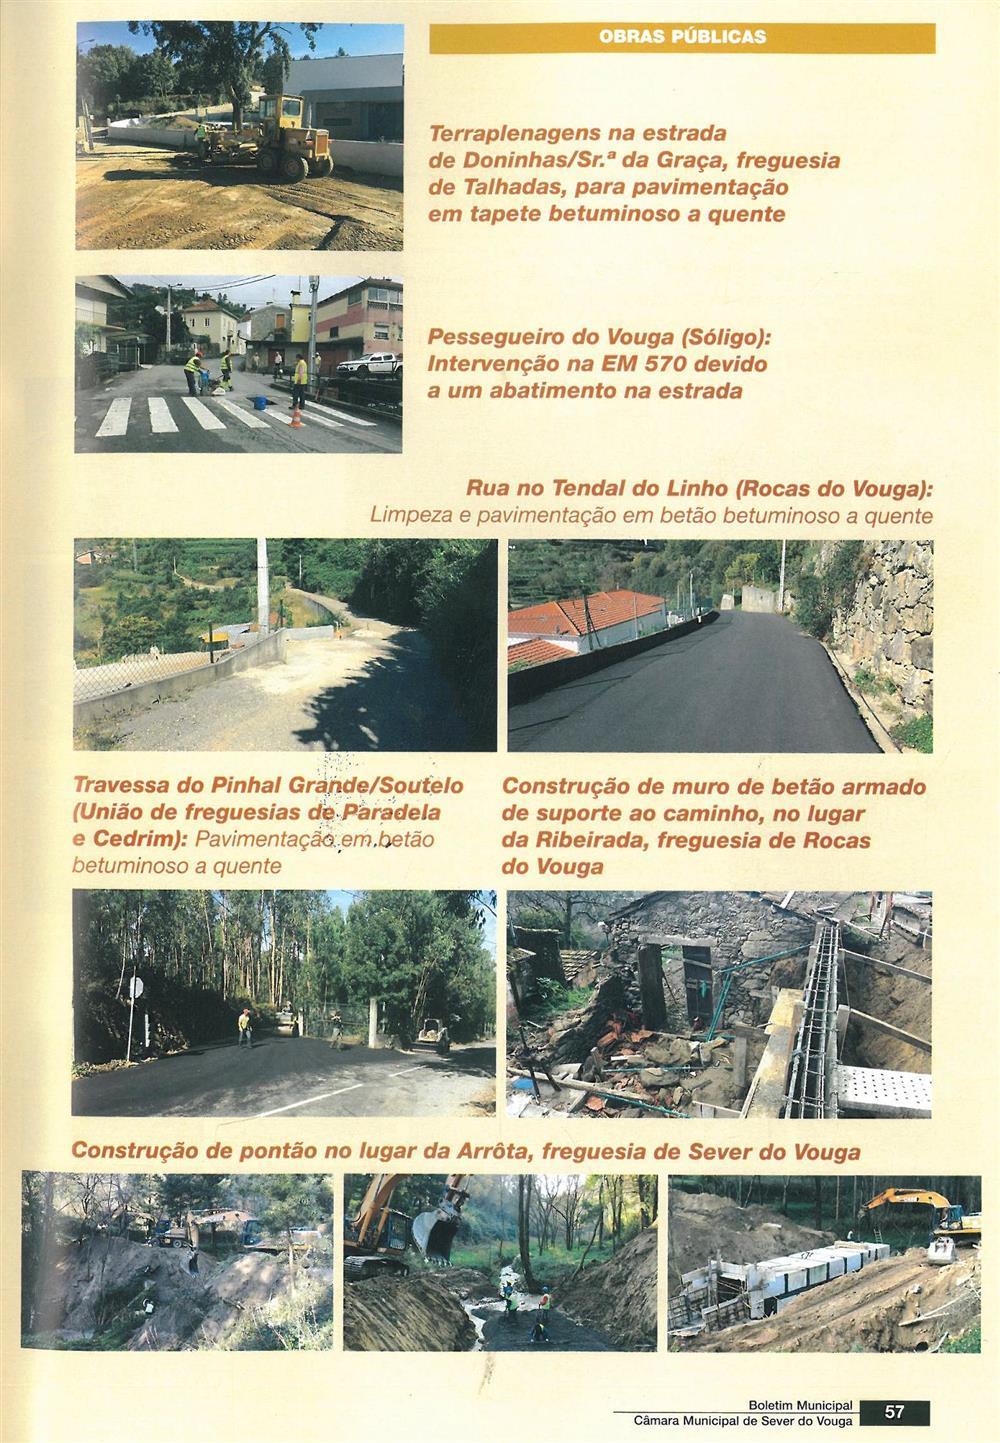 BoletimMunicipal-n.º32-nov.'15-p.57-Obras públicas [7.ª parte de oito].jpg